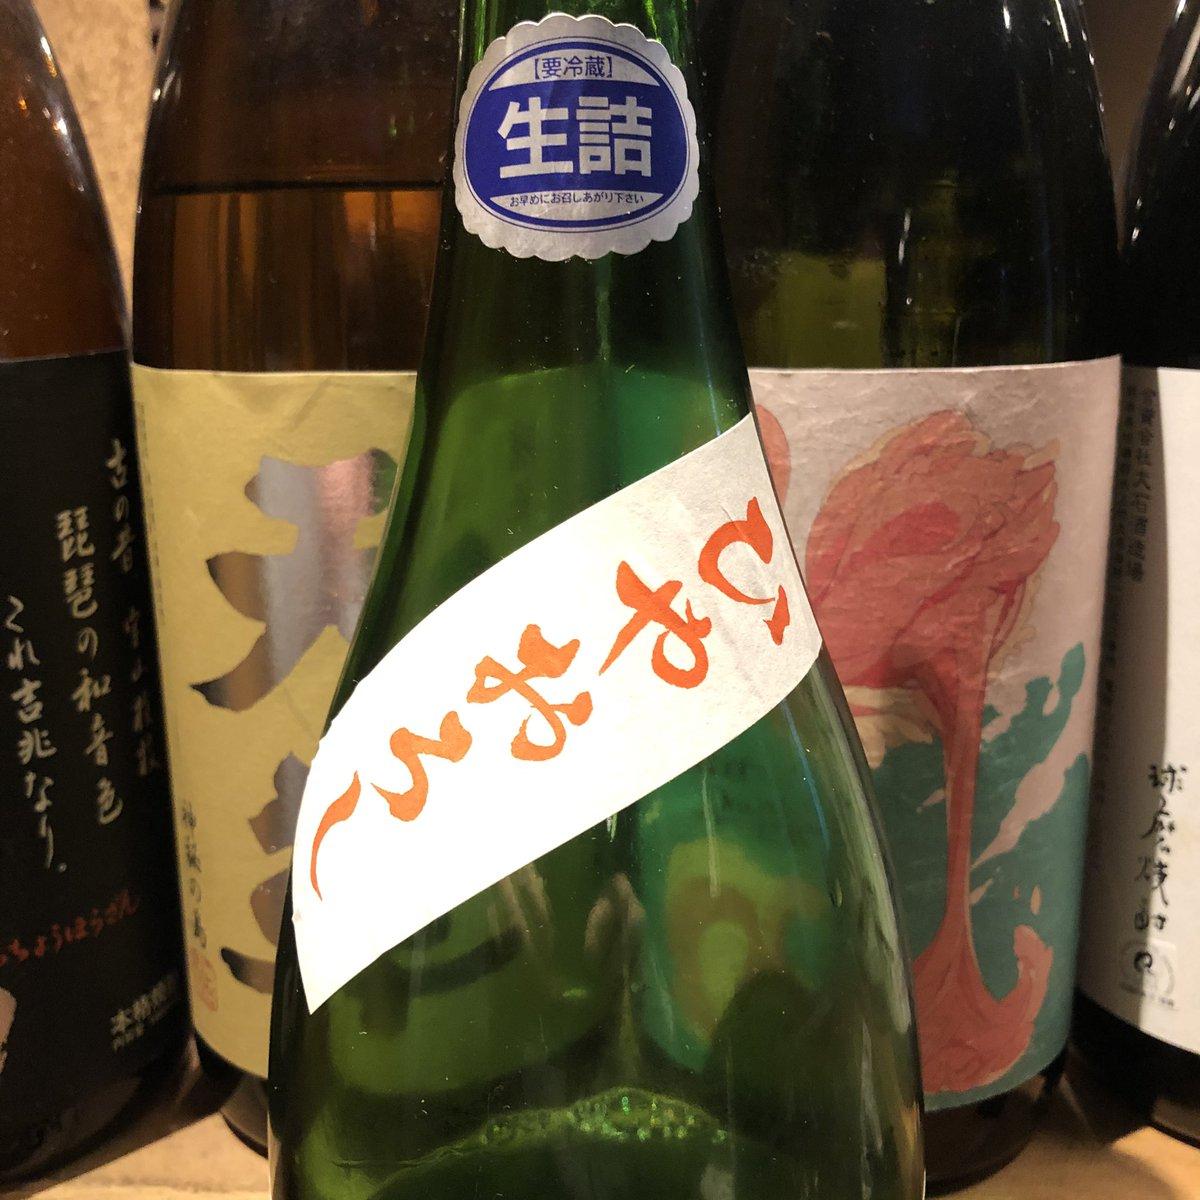 test ツイッターメディア - 尾瀬の雪どけ 純米大吟醸 ひやおろし 純米大吟醸らしく甘めで香りもほどほどに。ひやおろしらしく角が取れてまったりと飲みやすい。 #奈良#うま杉#天草#地酒#地魚#日本酒#尾瀬の雪どけ https://t.co/vuYgaHz4qJ